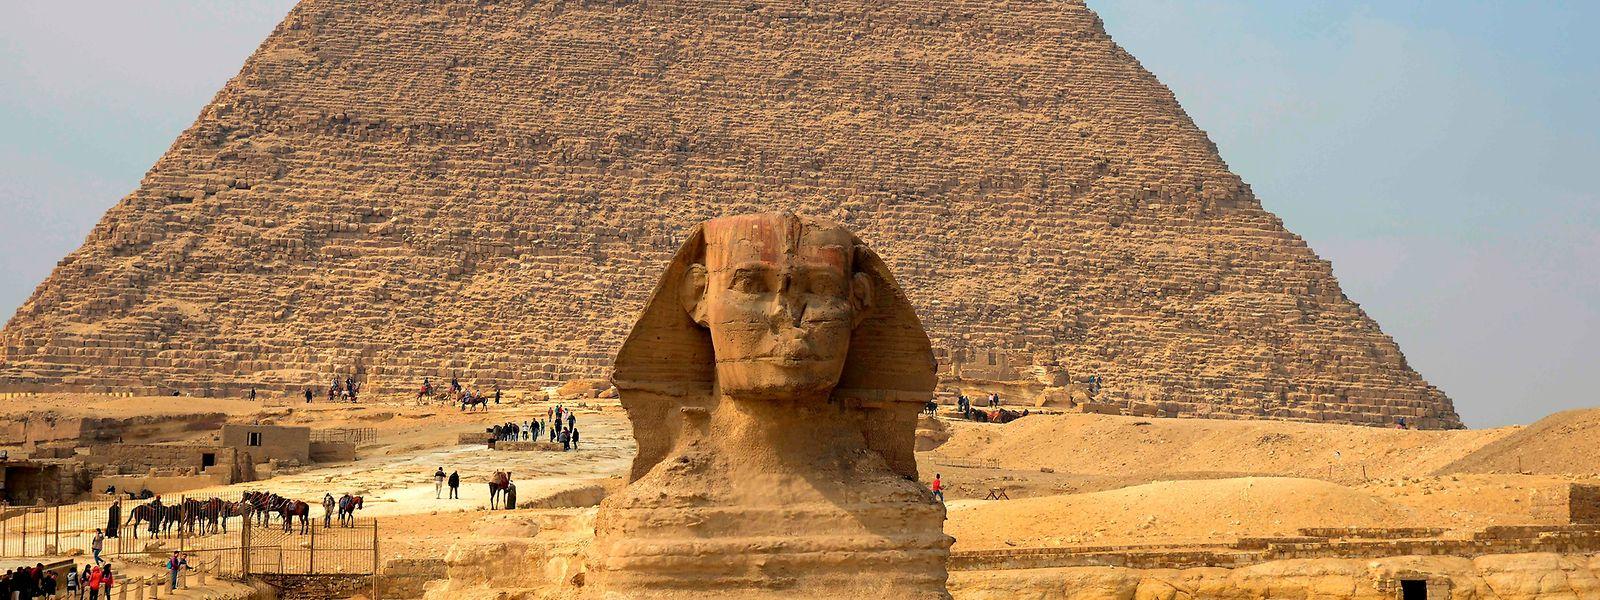 Die Pyramiden von Giseh gehören wohl zu den bekanntesten Sehenswürdigkeiten in Ägypten.